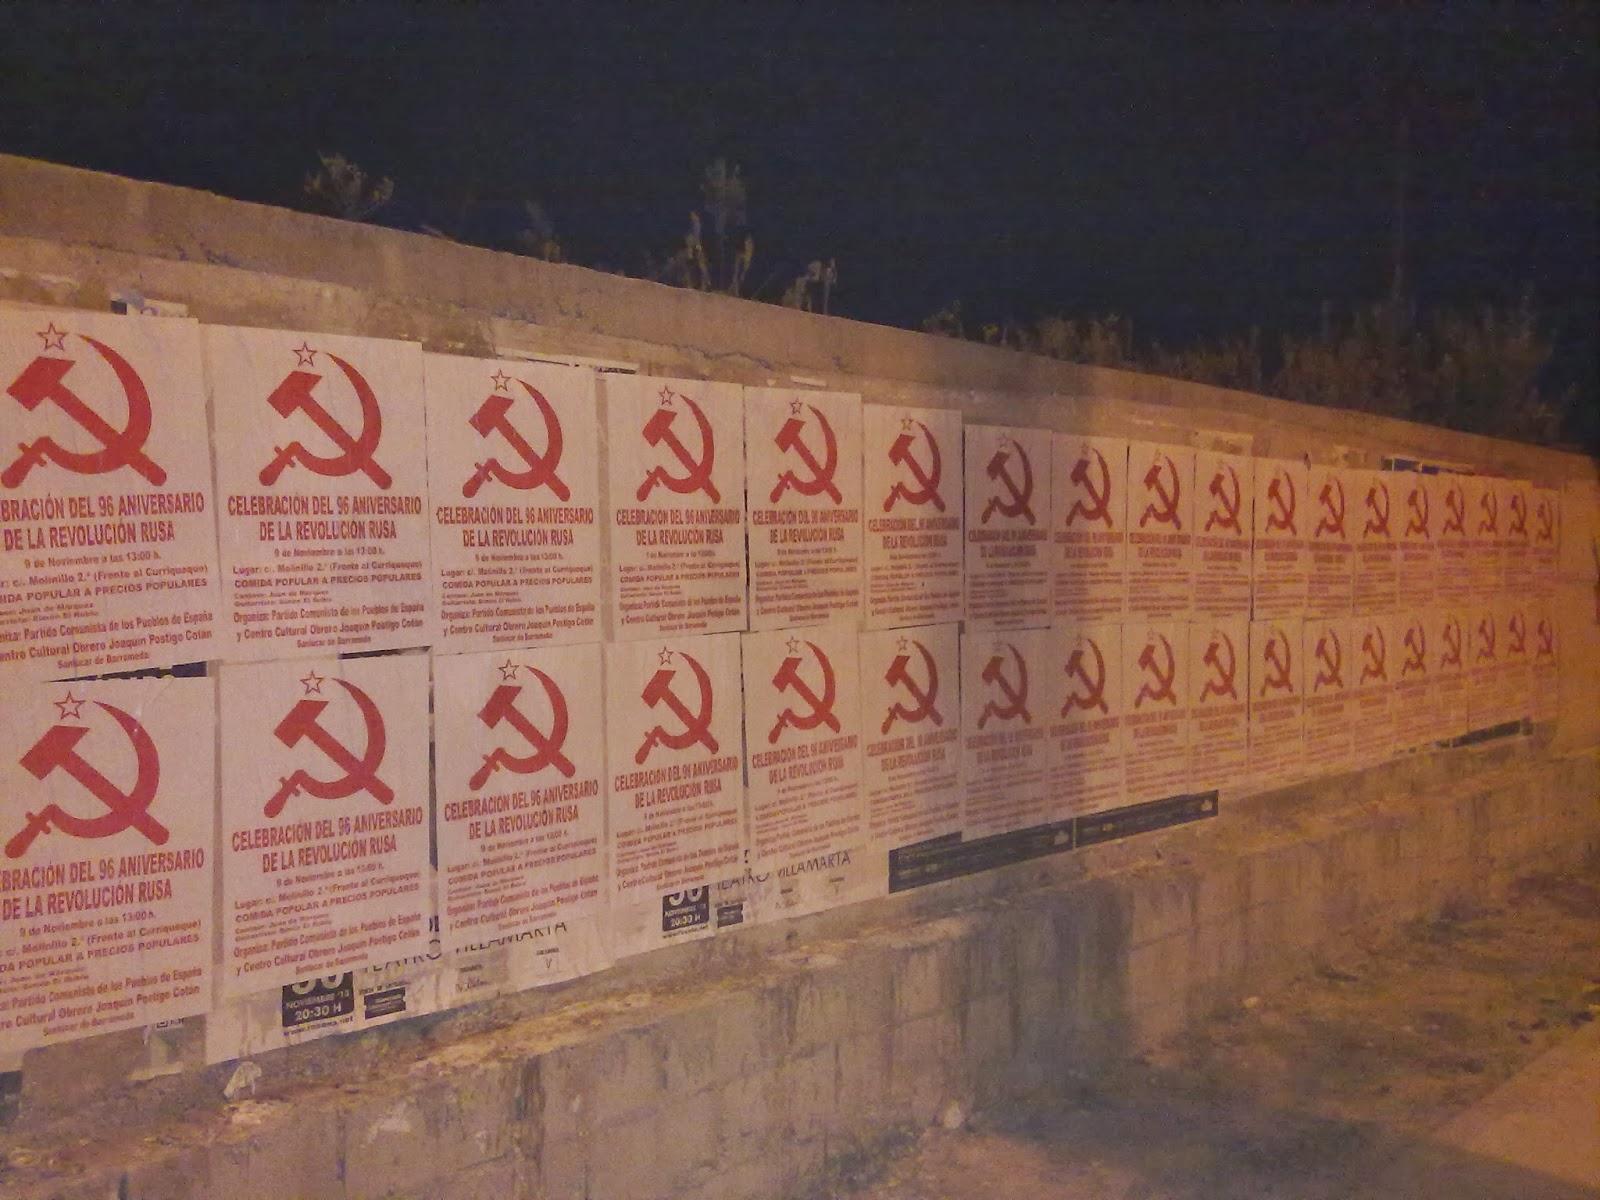 [PCPE] Celebración del 96 aniversario de la revolución soviética, 051120133163